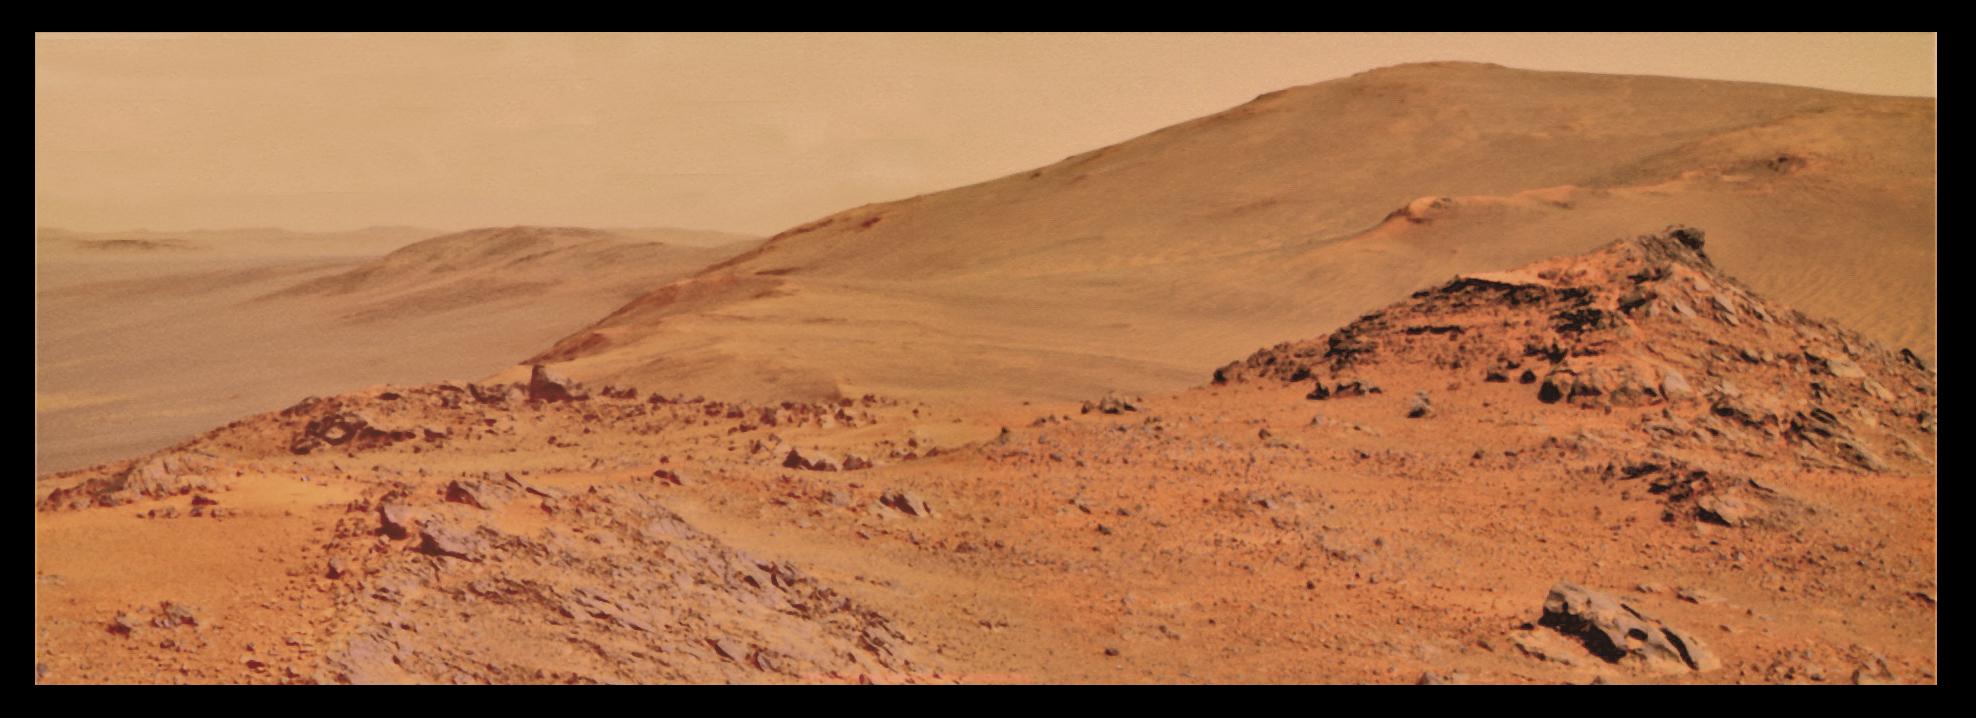 Mars Landscape Stones (page 3) - Pics about space